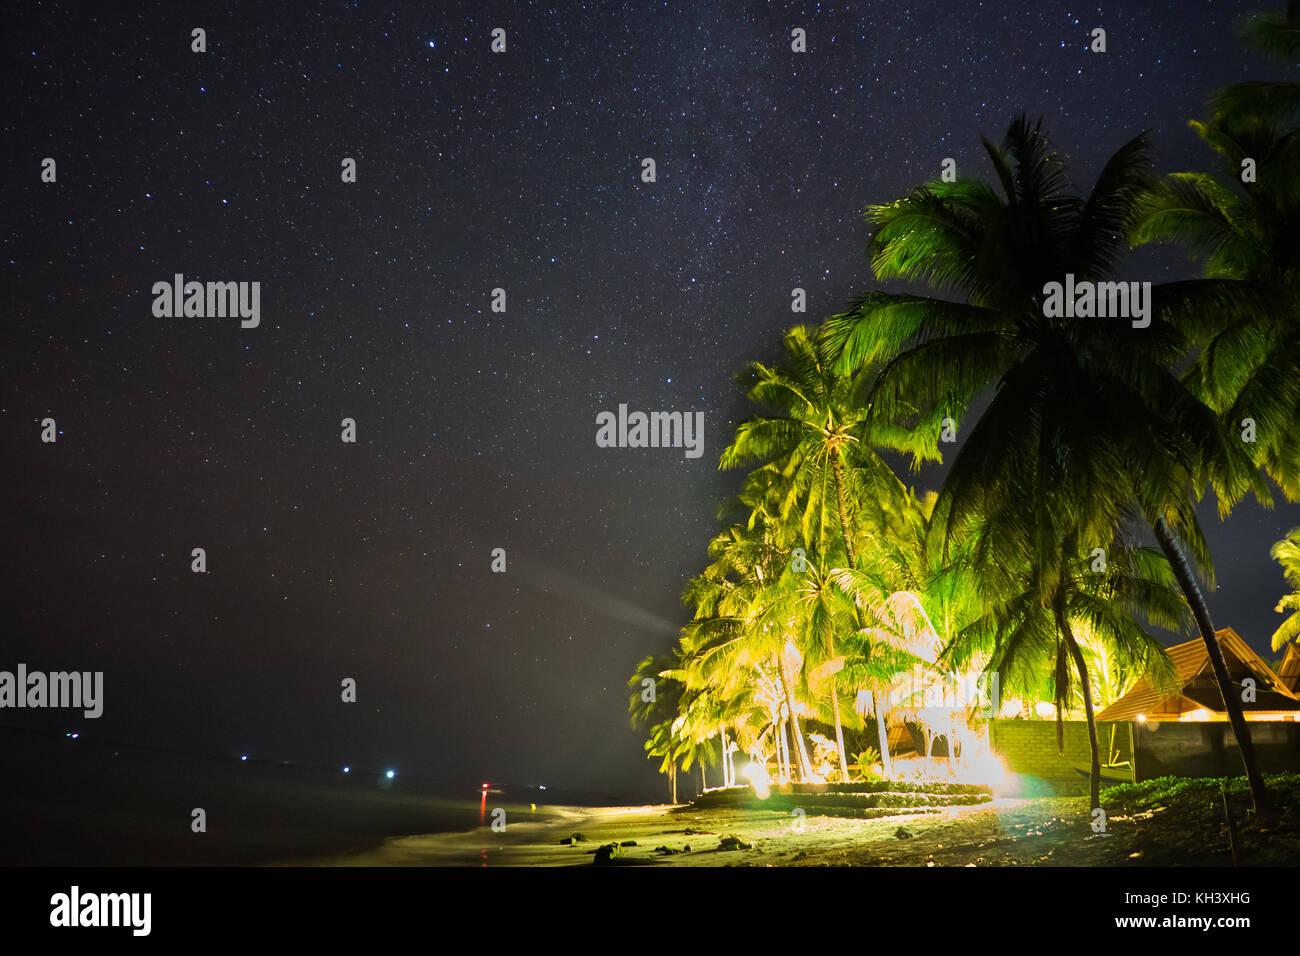 Estrellas sobre el cielo nocturno con casa de playa y palmeras. Imagen De Stock